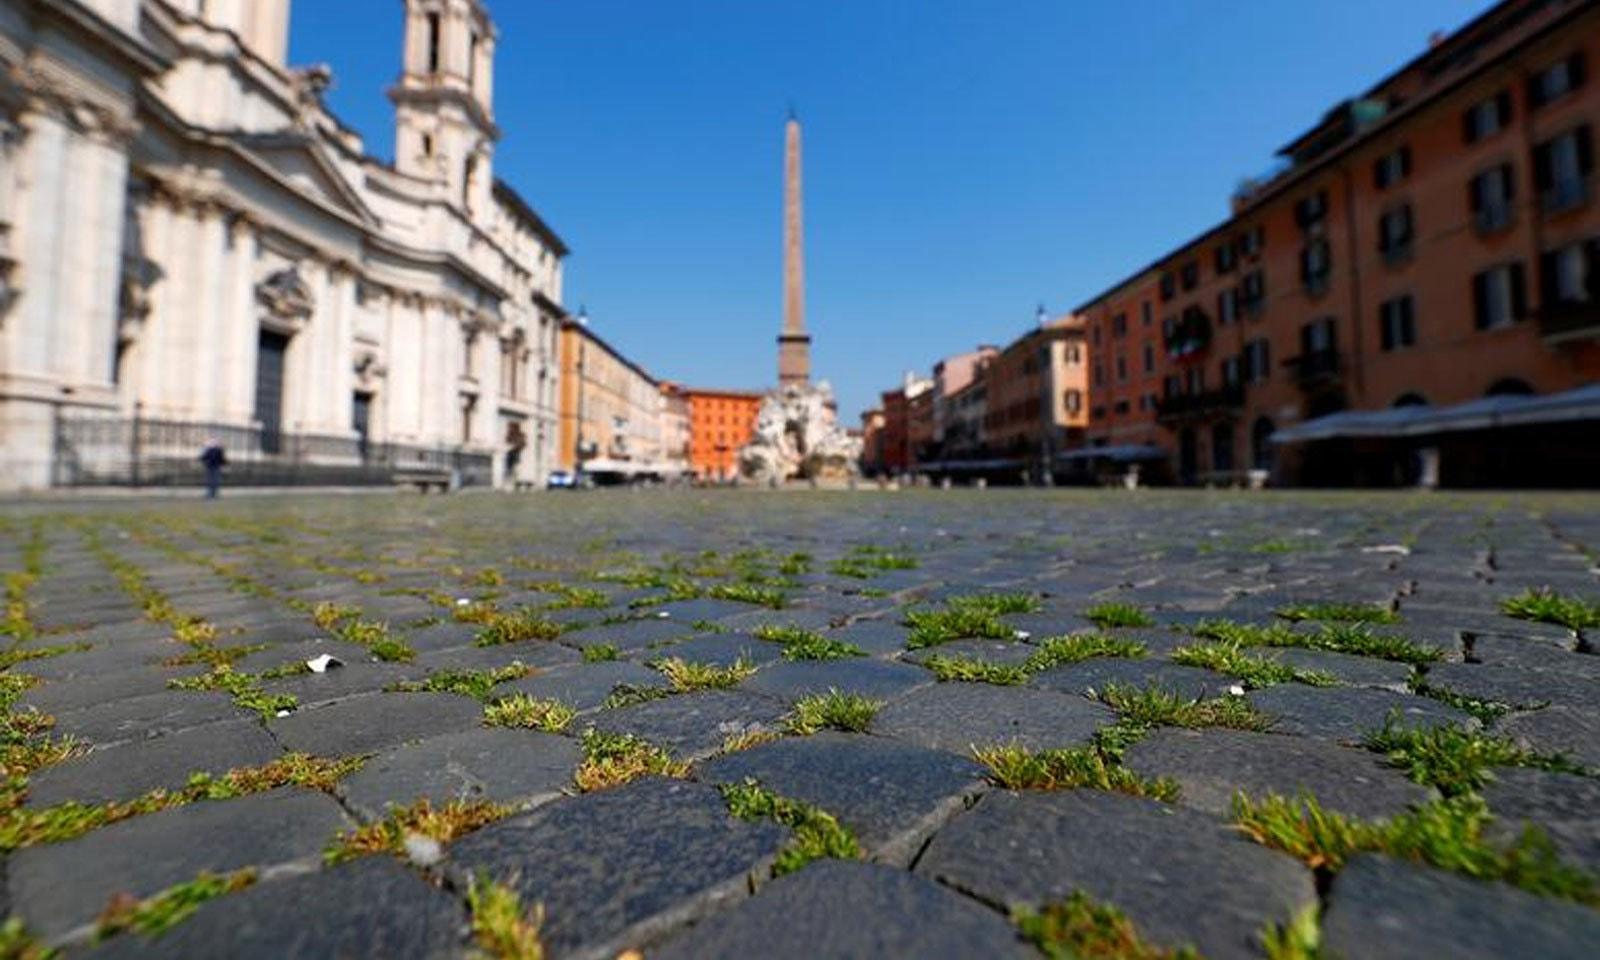 روم کے معروف پیازا نیوونا اسکوائر پر سیاحوں کی تعداد میں کمی کے باعث گھاس اگ آئی —فوٹو: رائٹرز